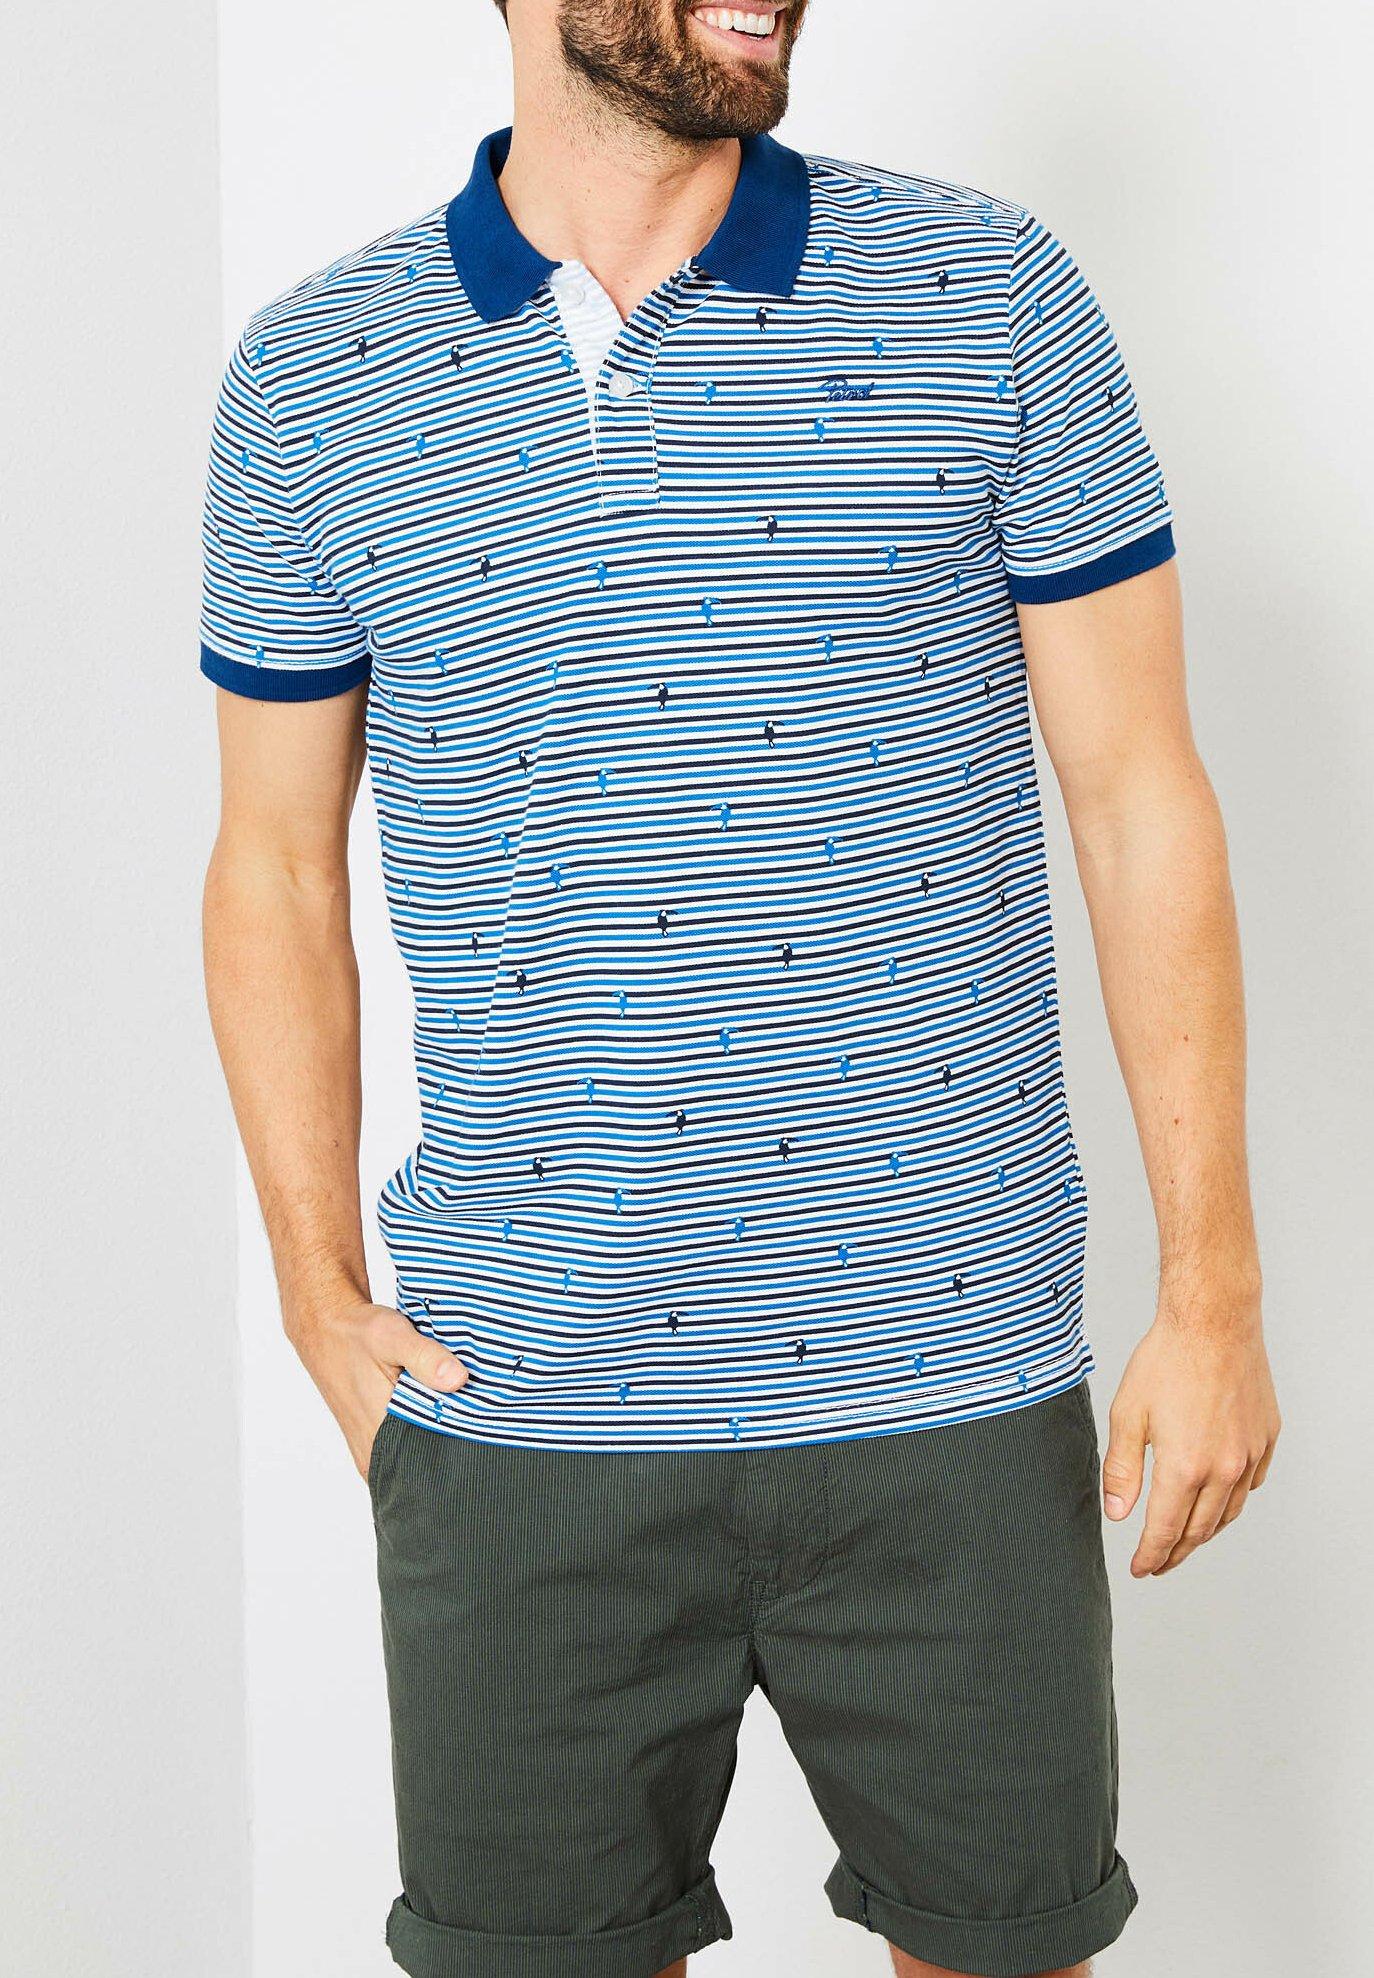 Najlepszy sprzedawca Gorąca wyprzedaż Petrol Industries Koszulka polo - electric blue   Odzież męska 2020 StgDb